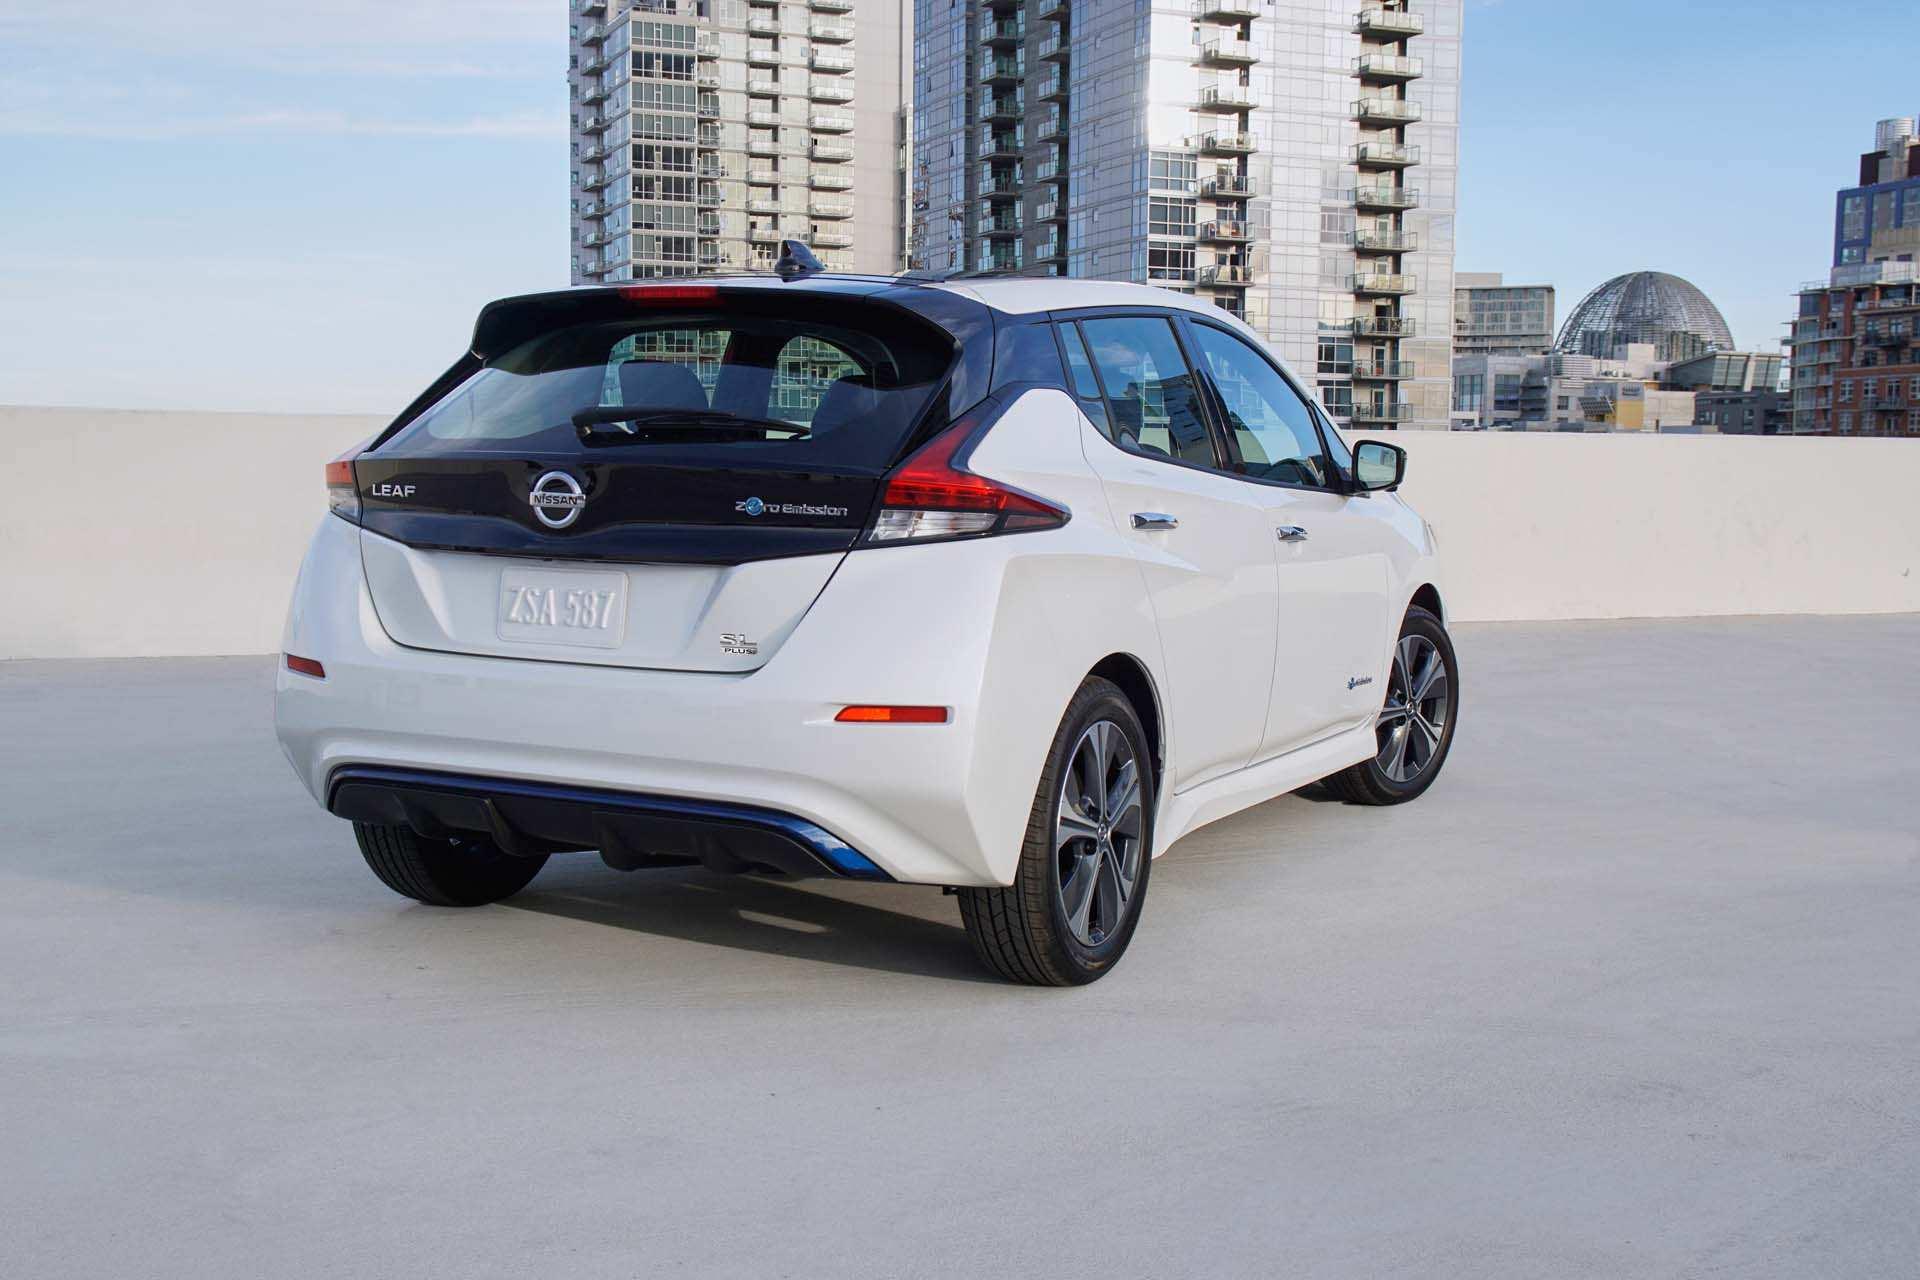 88 New 2019 Nissan Leaf Spesification by 2019 Nissan Leaf